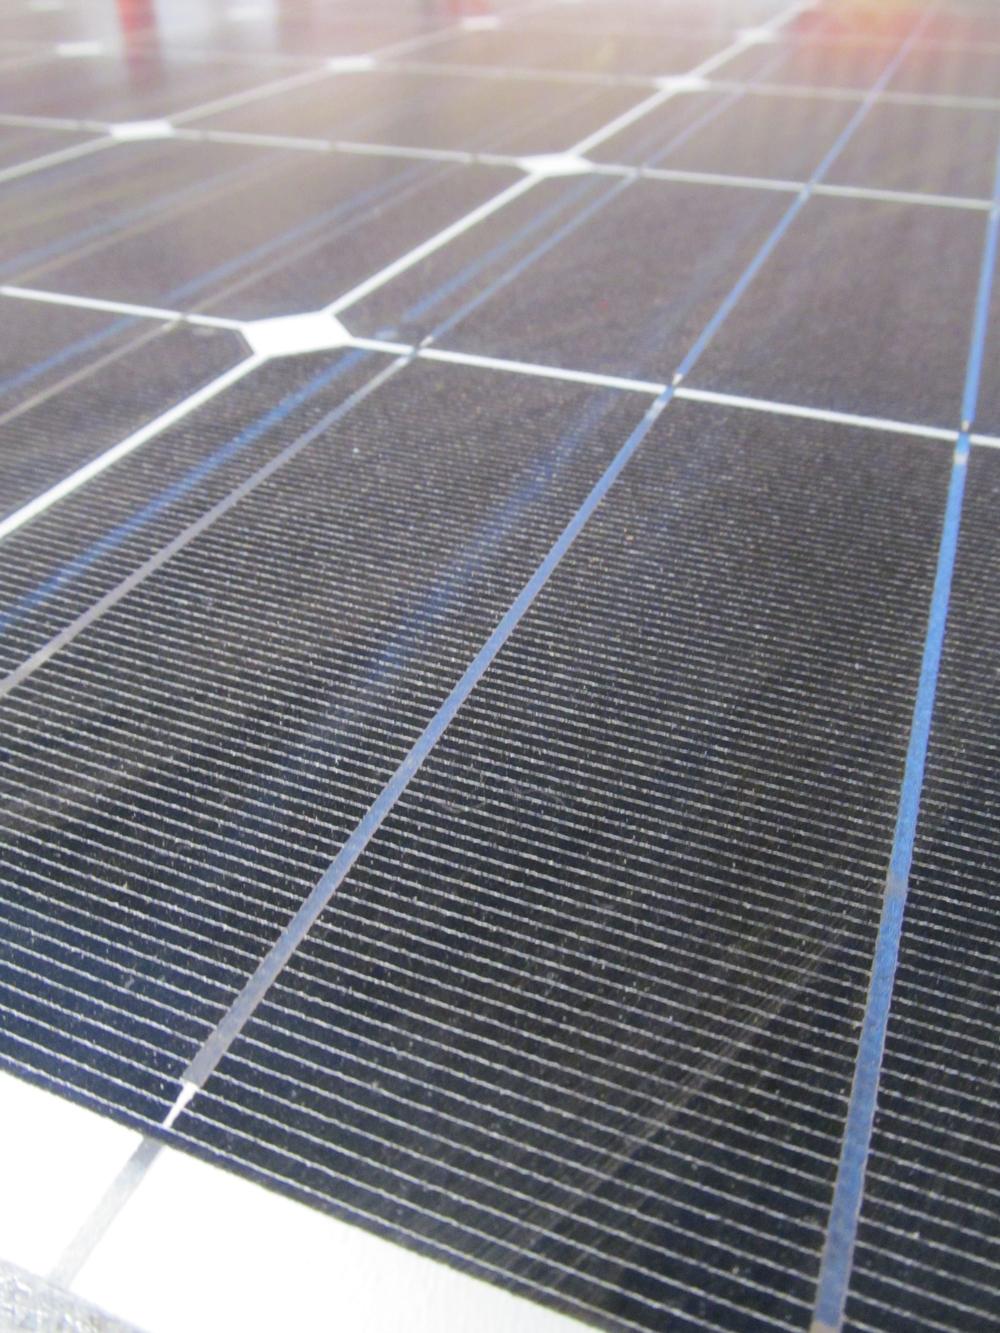 RastaBox_Solar_Install1.jpg